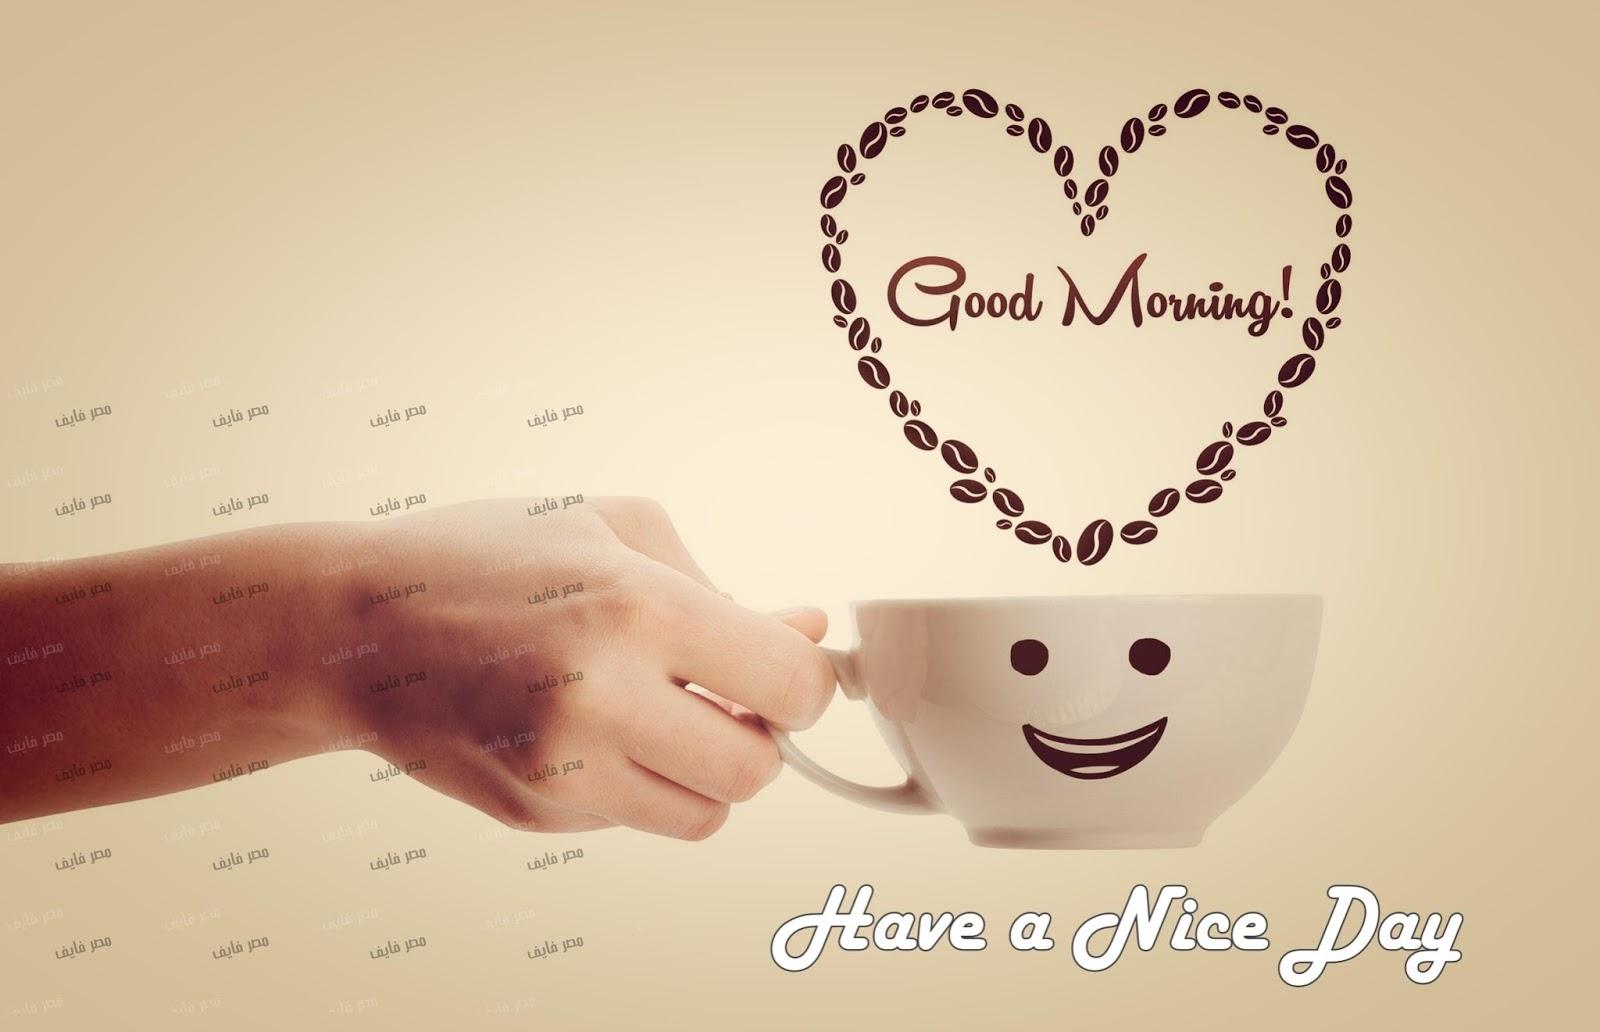 صورة حبيبي صباح الخير كلمات , اجمل كلمات الصباح الجميل